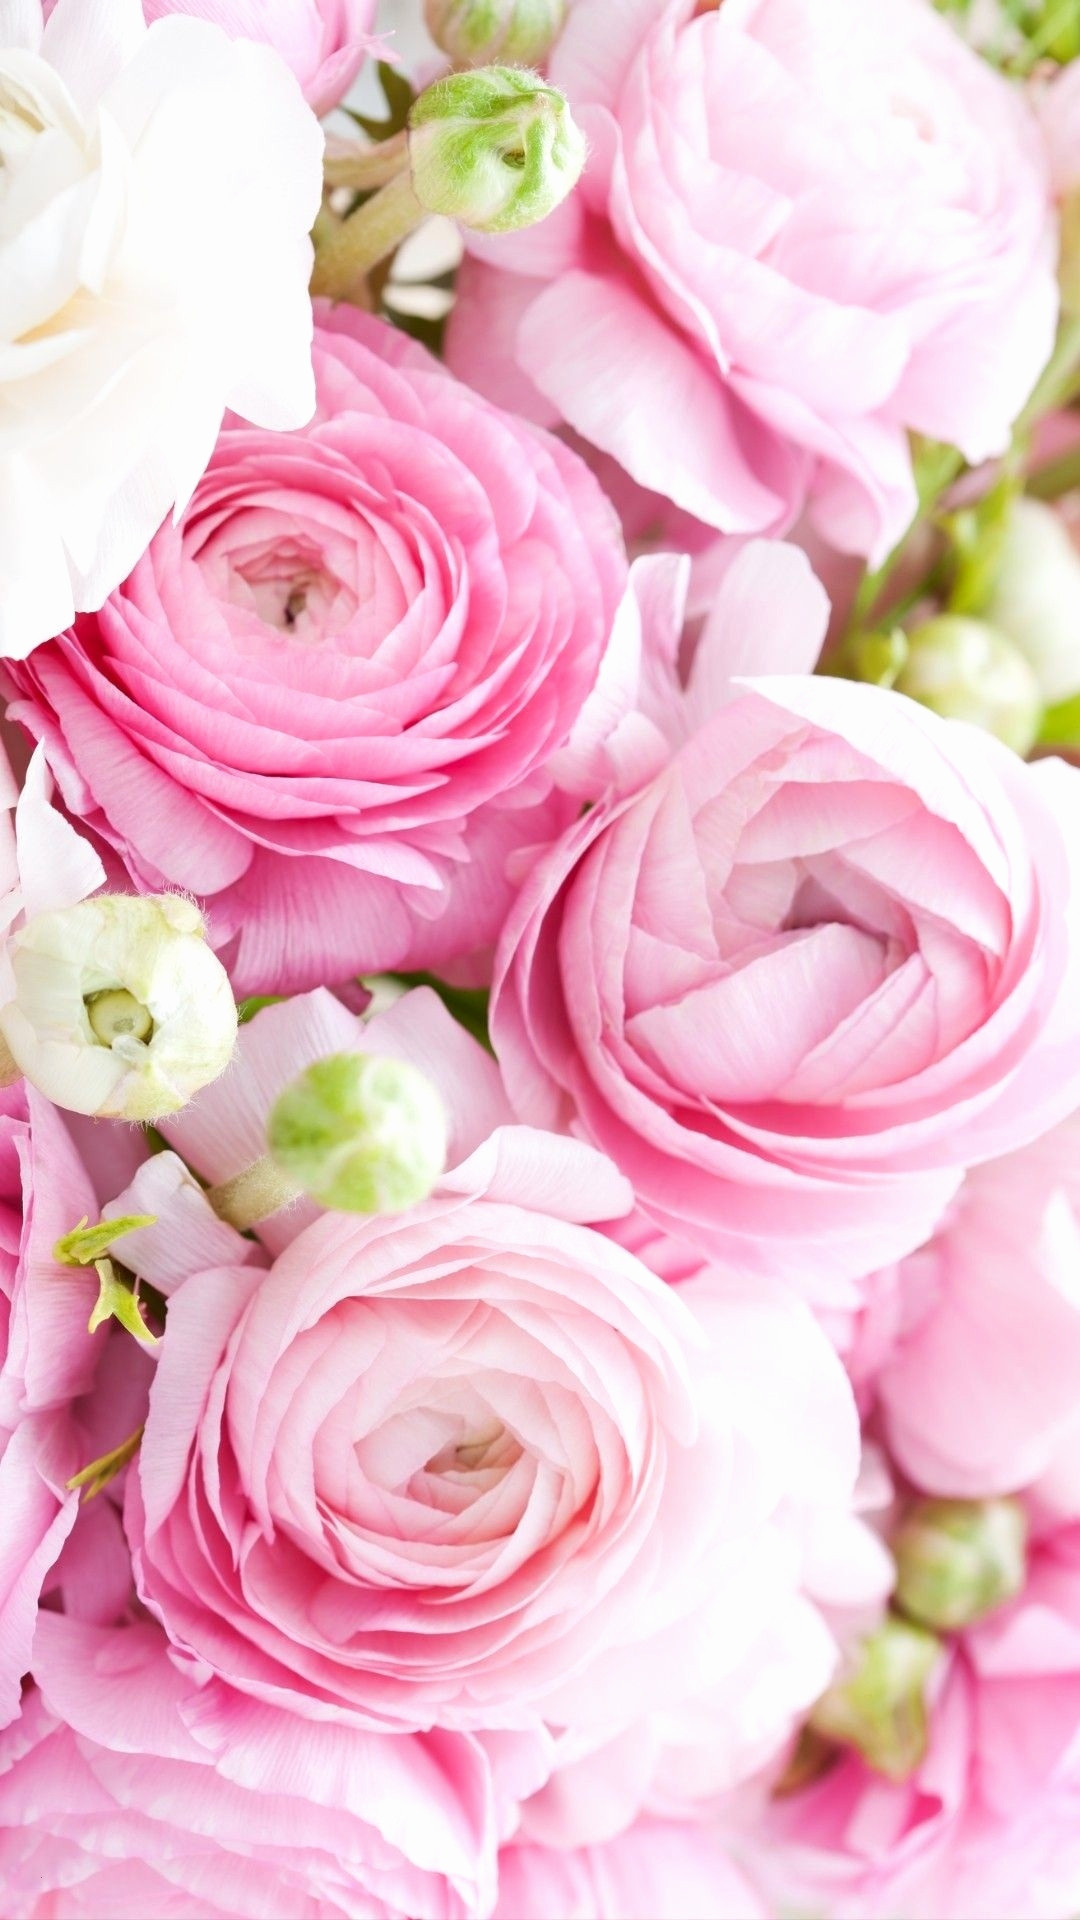 Blumenranken Zum Ausdrucken Neu Blumen Bilder Zum Ausdrucken Schön Geburtstagskarten Mit Blumen Bild